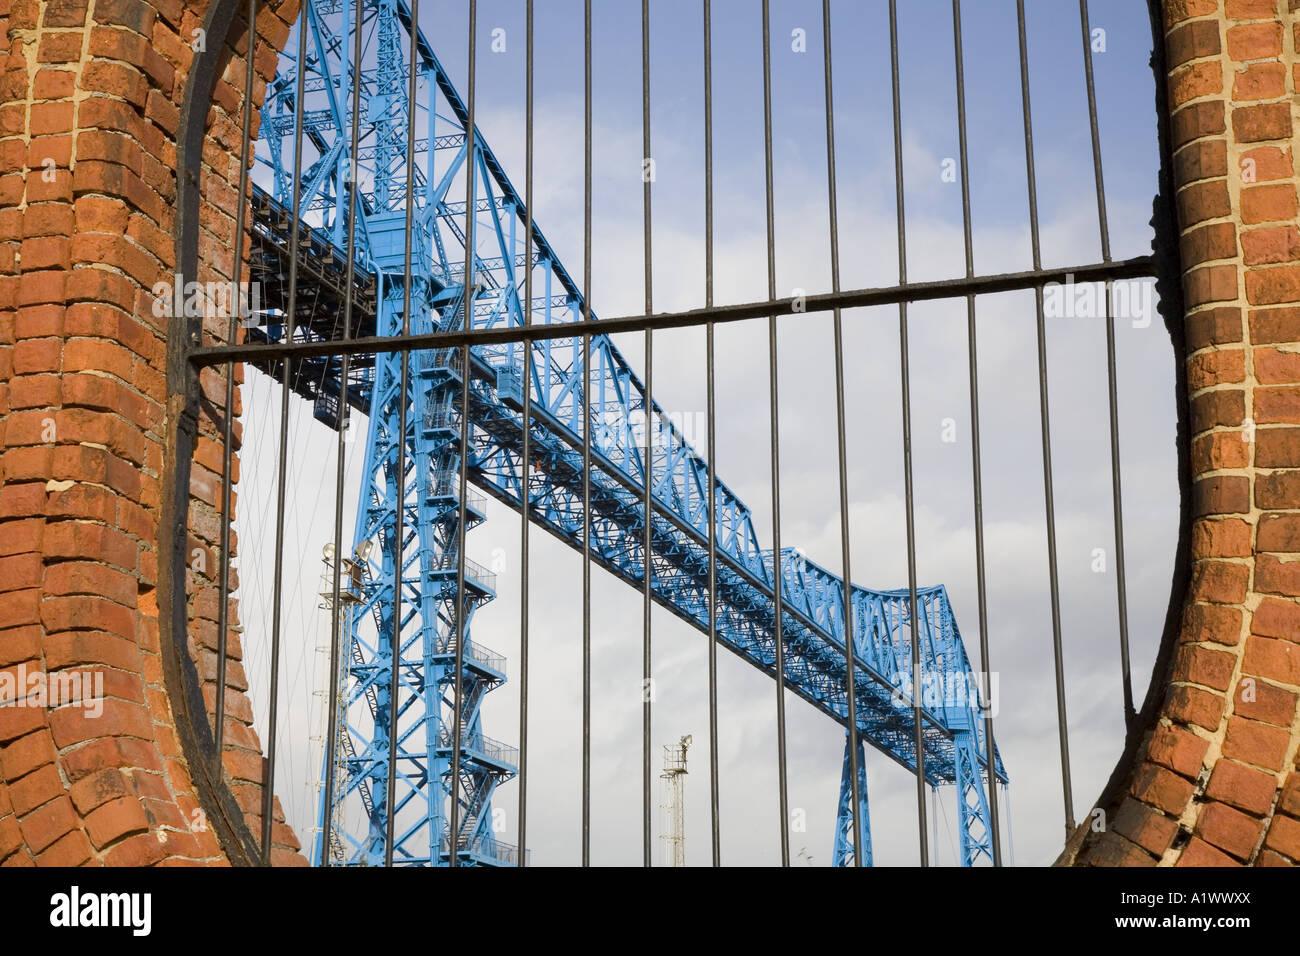 Tees Transporter Bridge, oder die Middlesbrough Transporter Aerial Transfer Ferry Bridge ist die am weitesten stromabwärts gelegene Brücke über den Fluss Tees, England Stockfoto